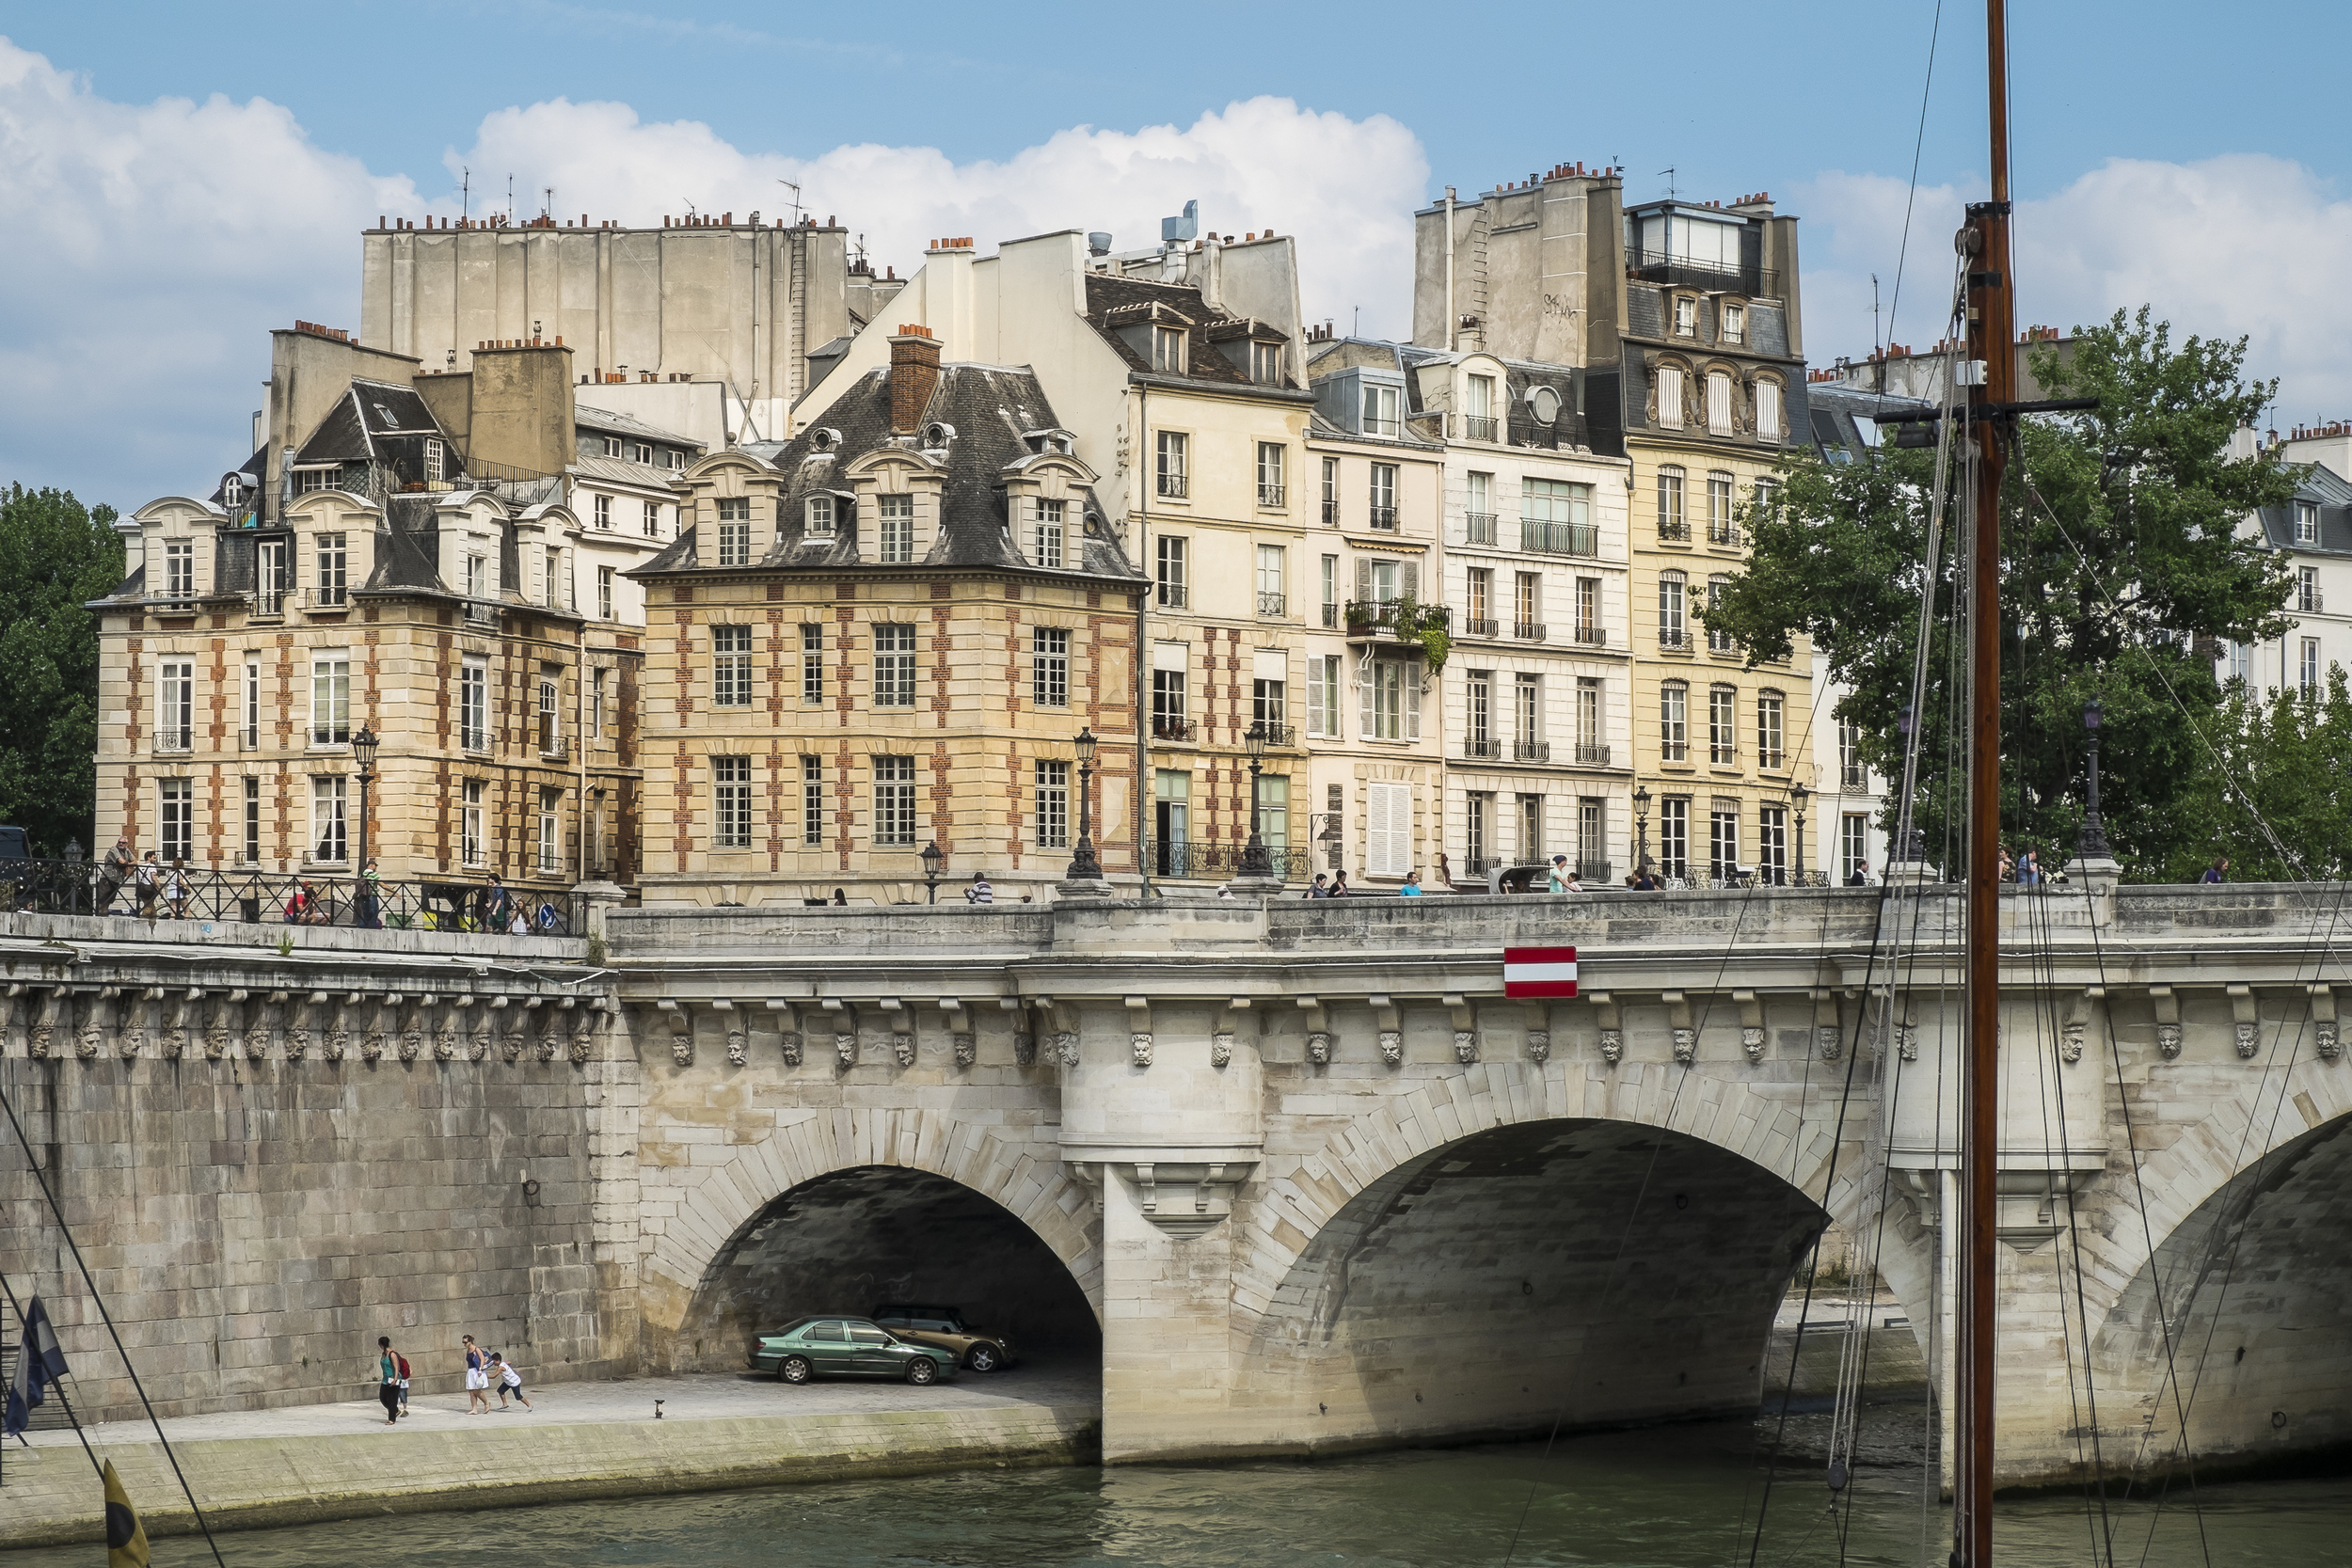 Paris-PontNeuf-Île de la Cité-20130706-DSCF3472.jpg